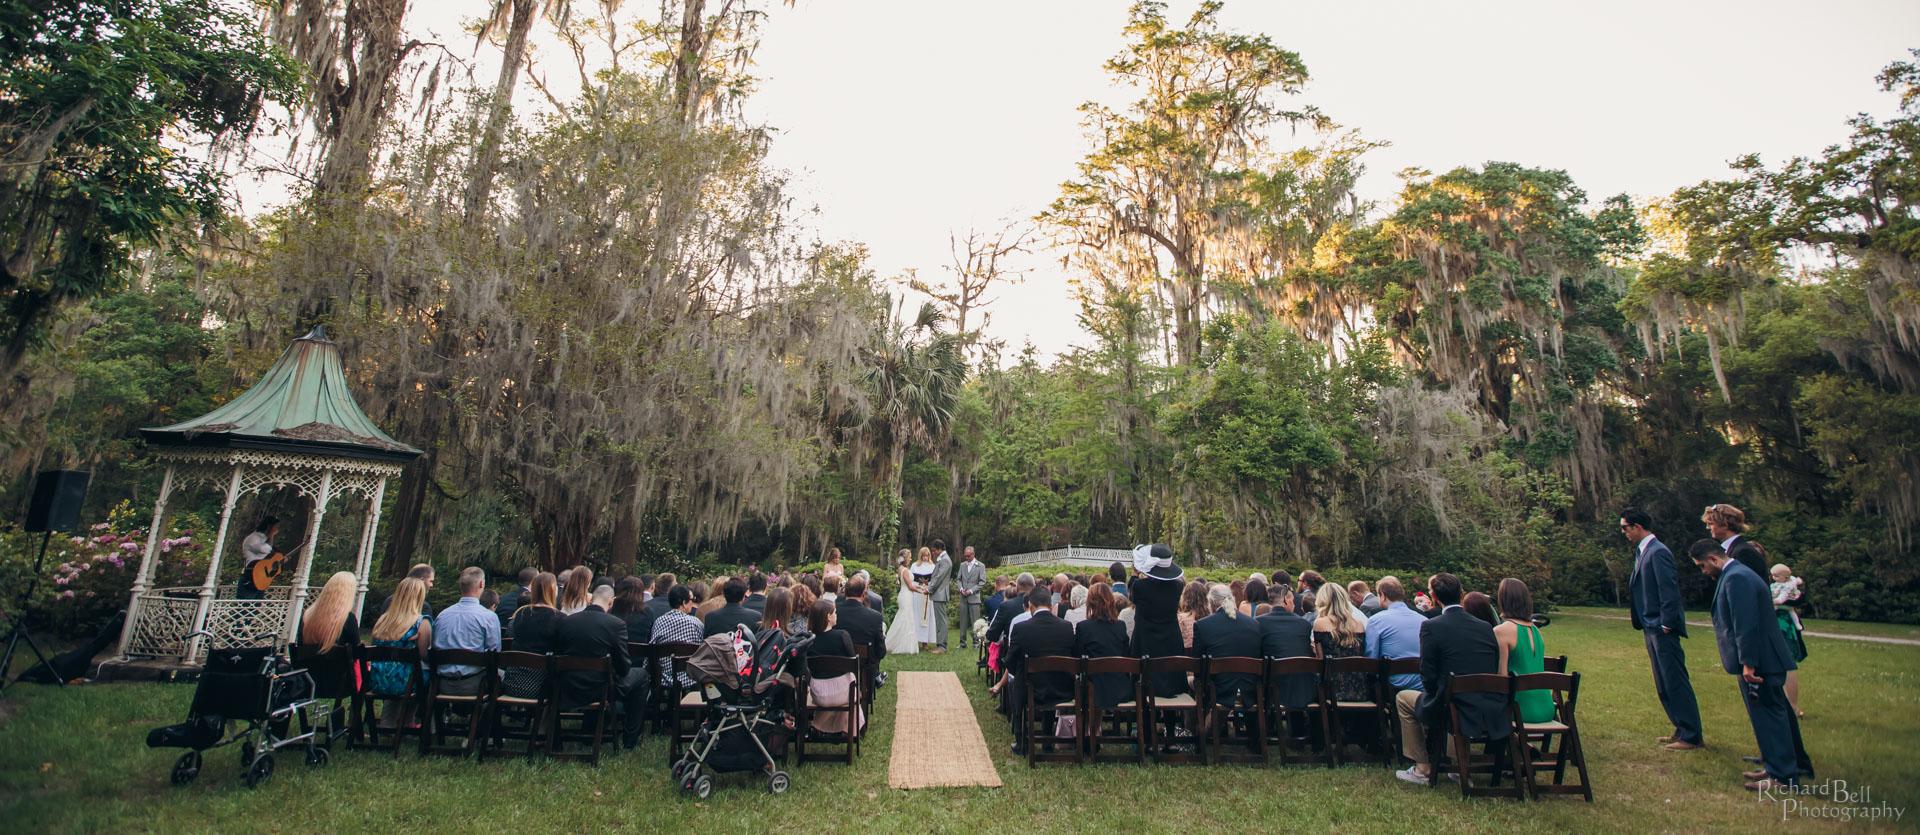 Mark Ceremony